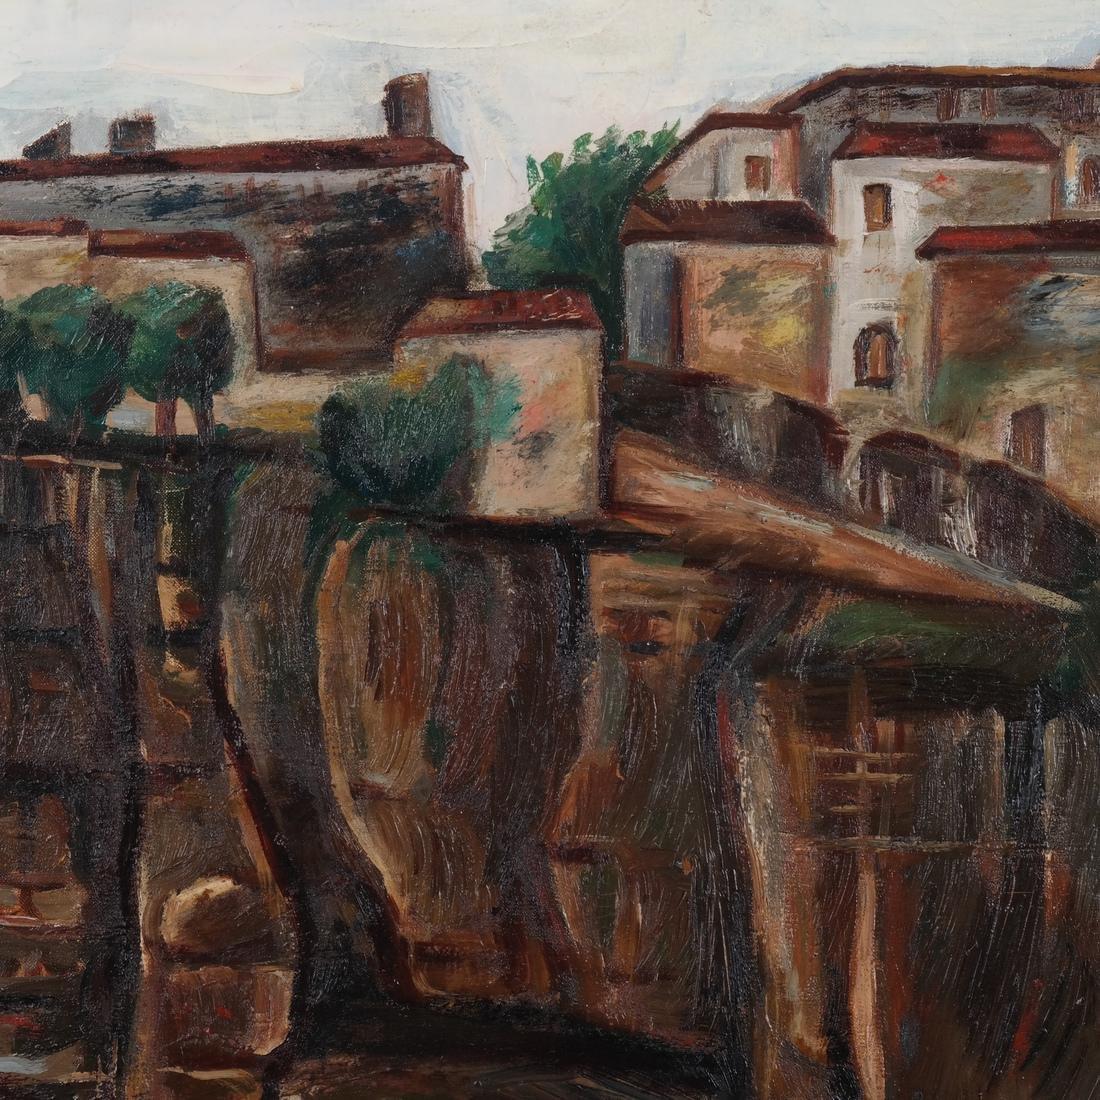 Paul Burlin, Untitled (Village on the Sea) - 4